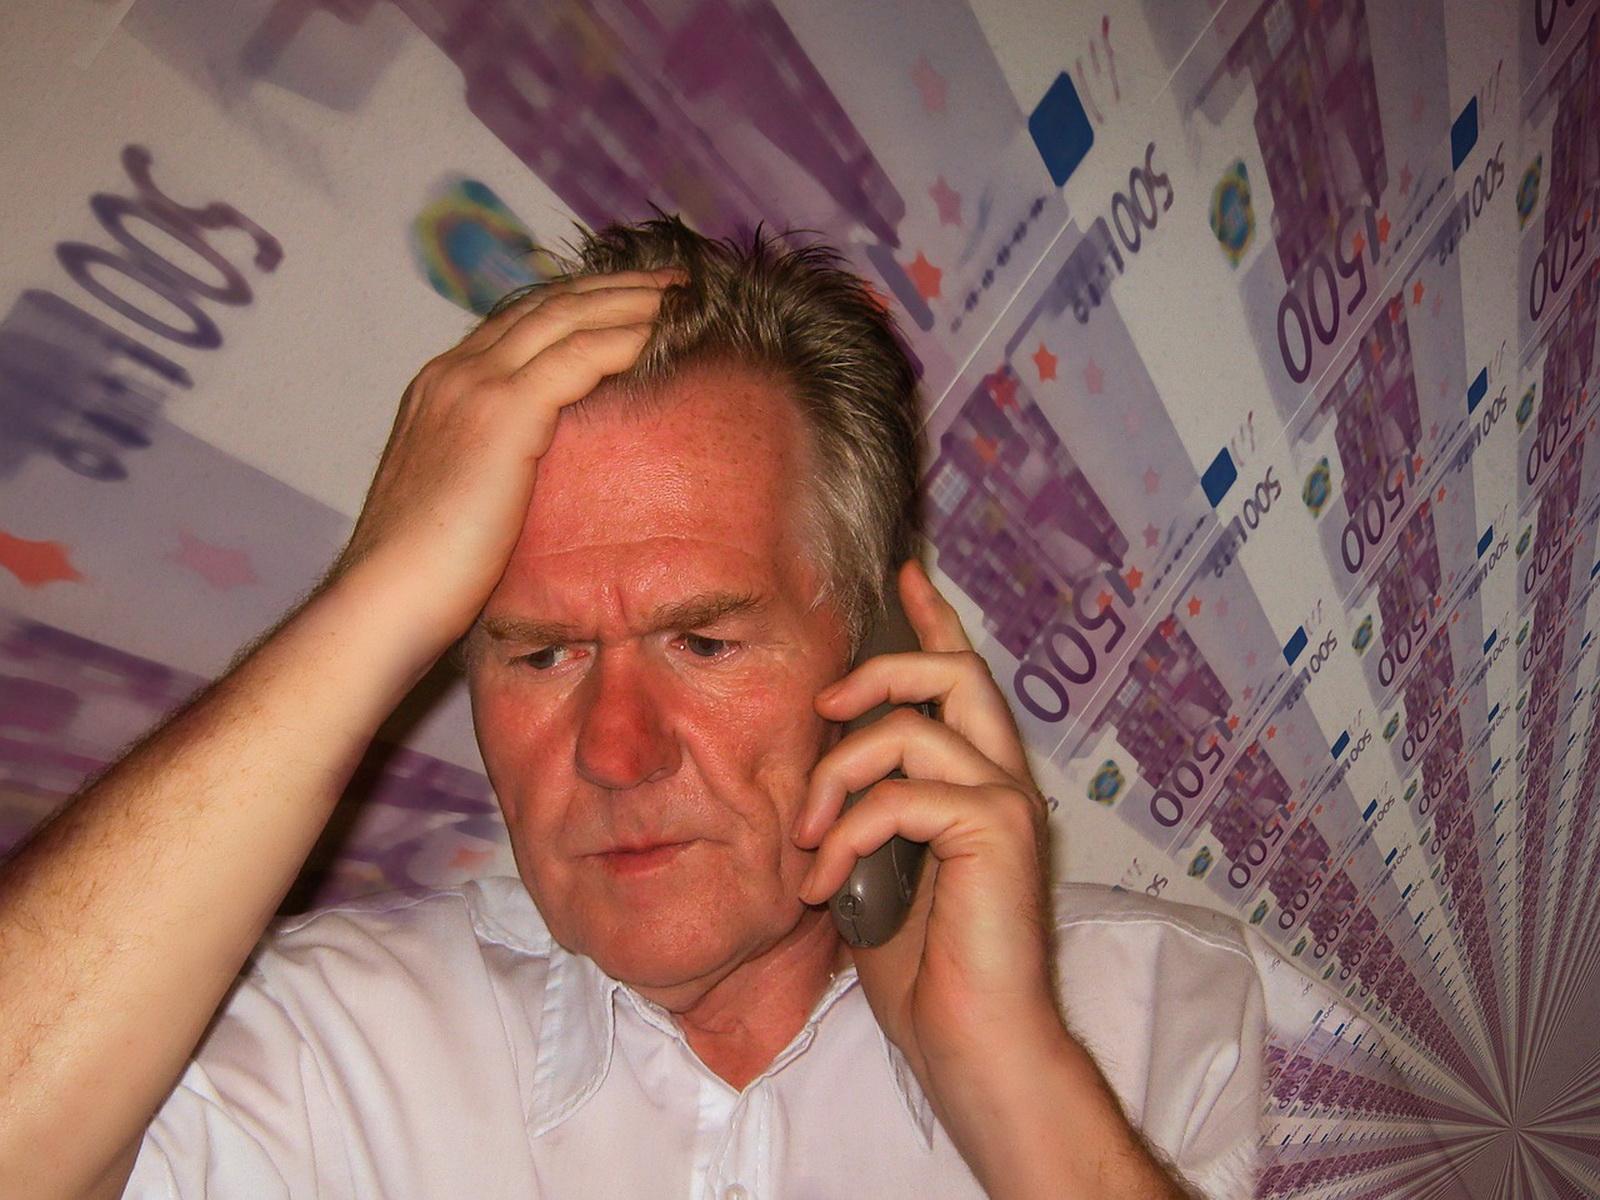 """Symbolfoto zum Thema """"Unseriöse Telefonwerber"""" - gestresster Mann am Telefon, im Hintergrund Geldscheine"""